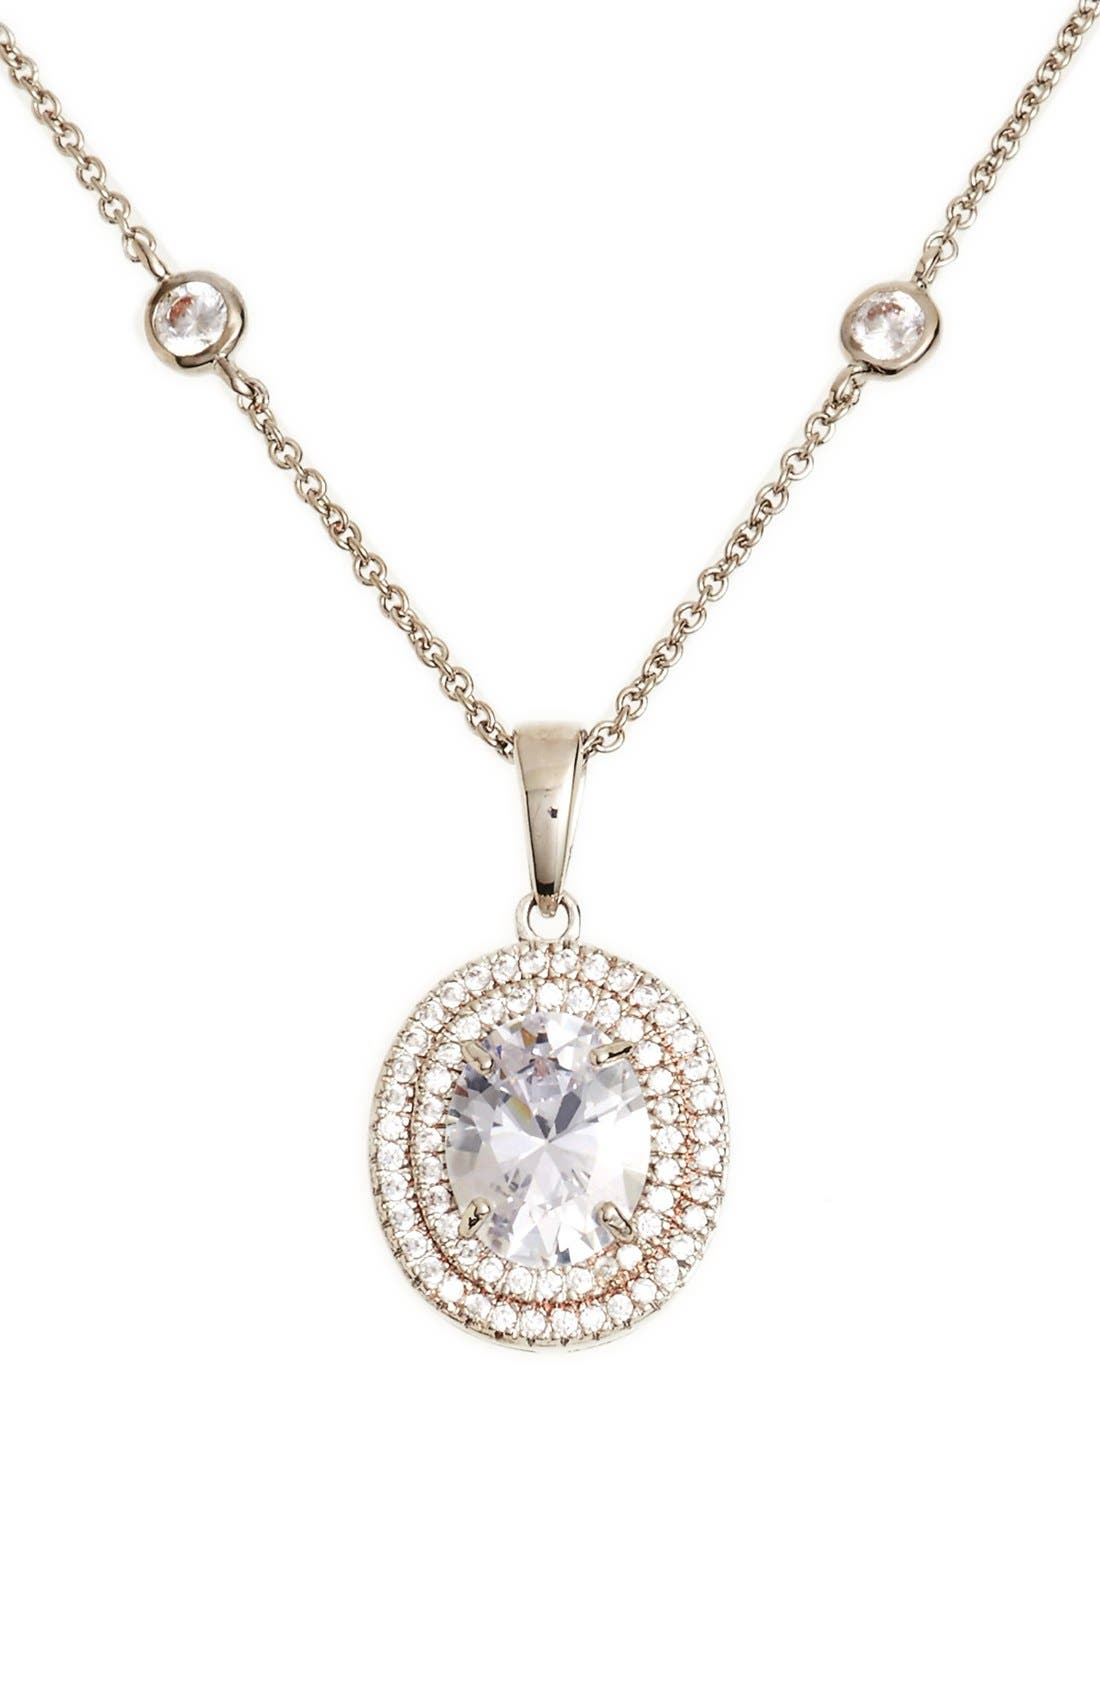 Main Image - Nina Double Halo Pendant Necklace